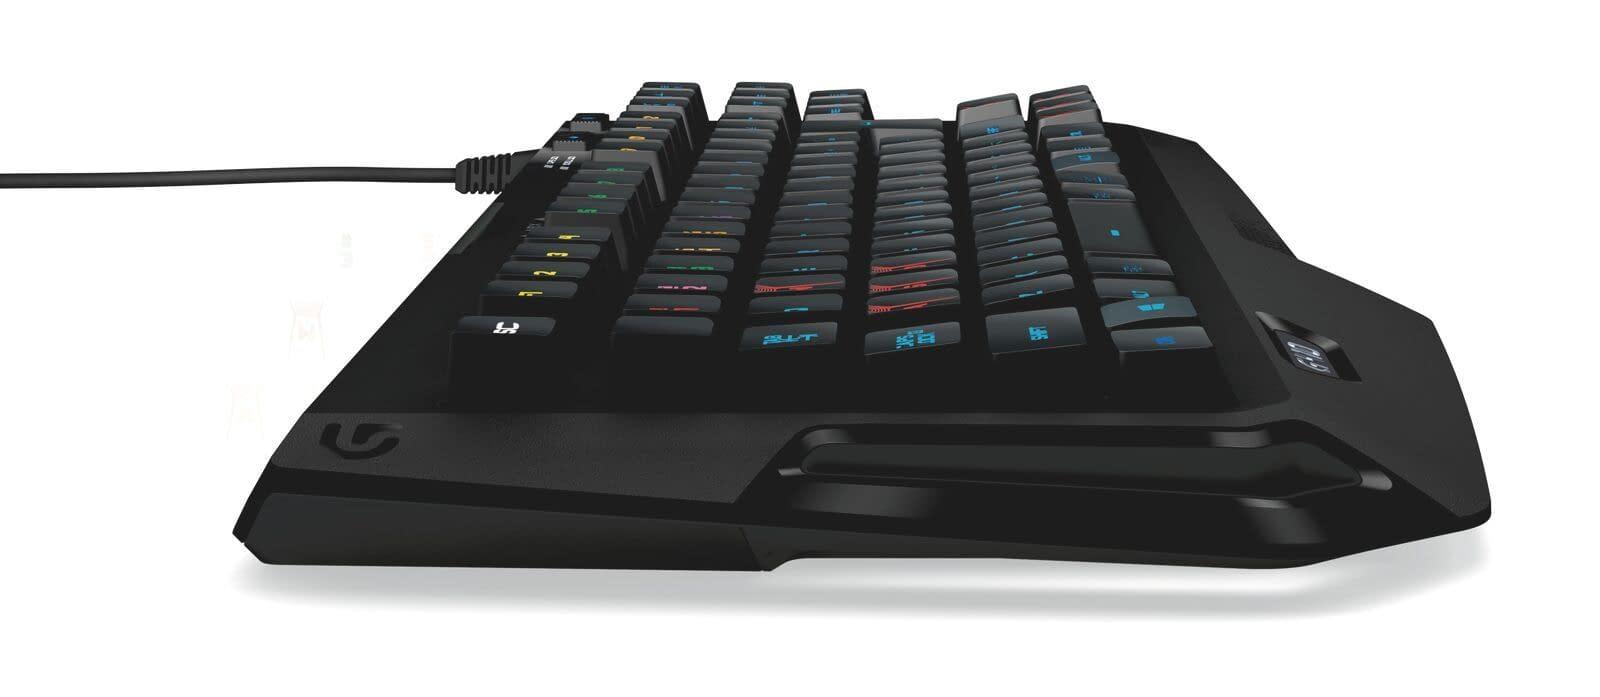 Logitech G410 Mechanical keyboard Side look